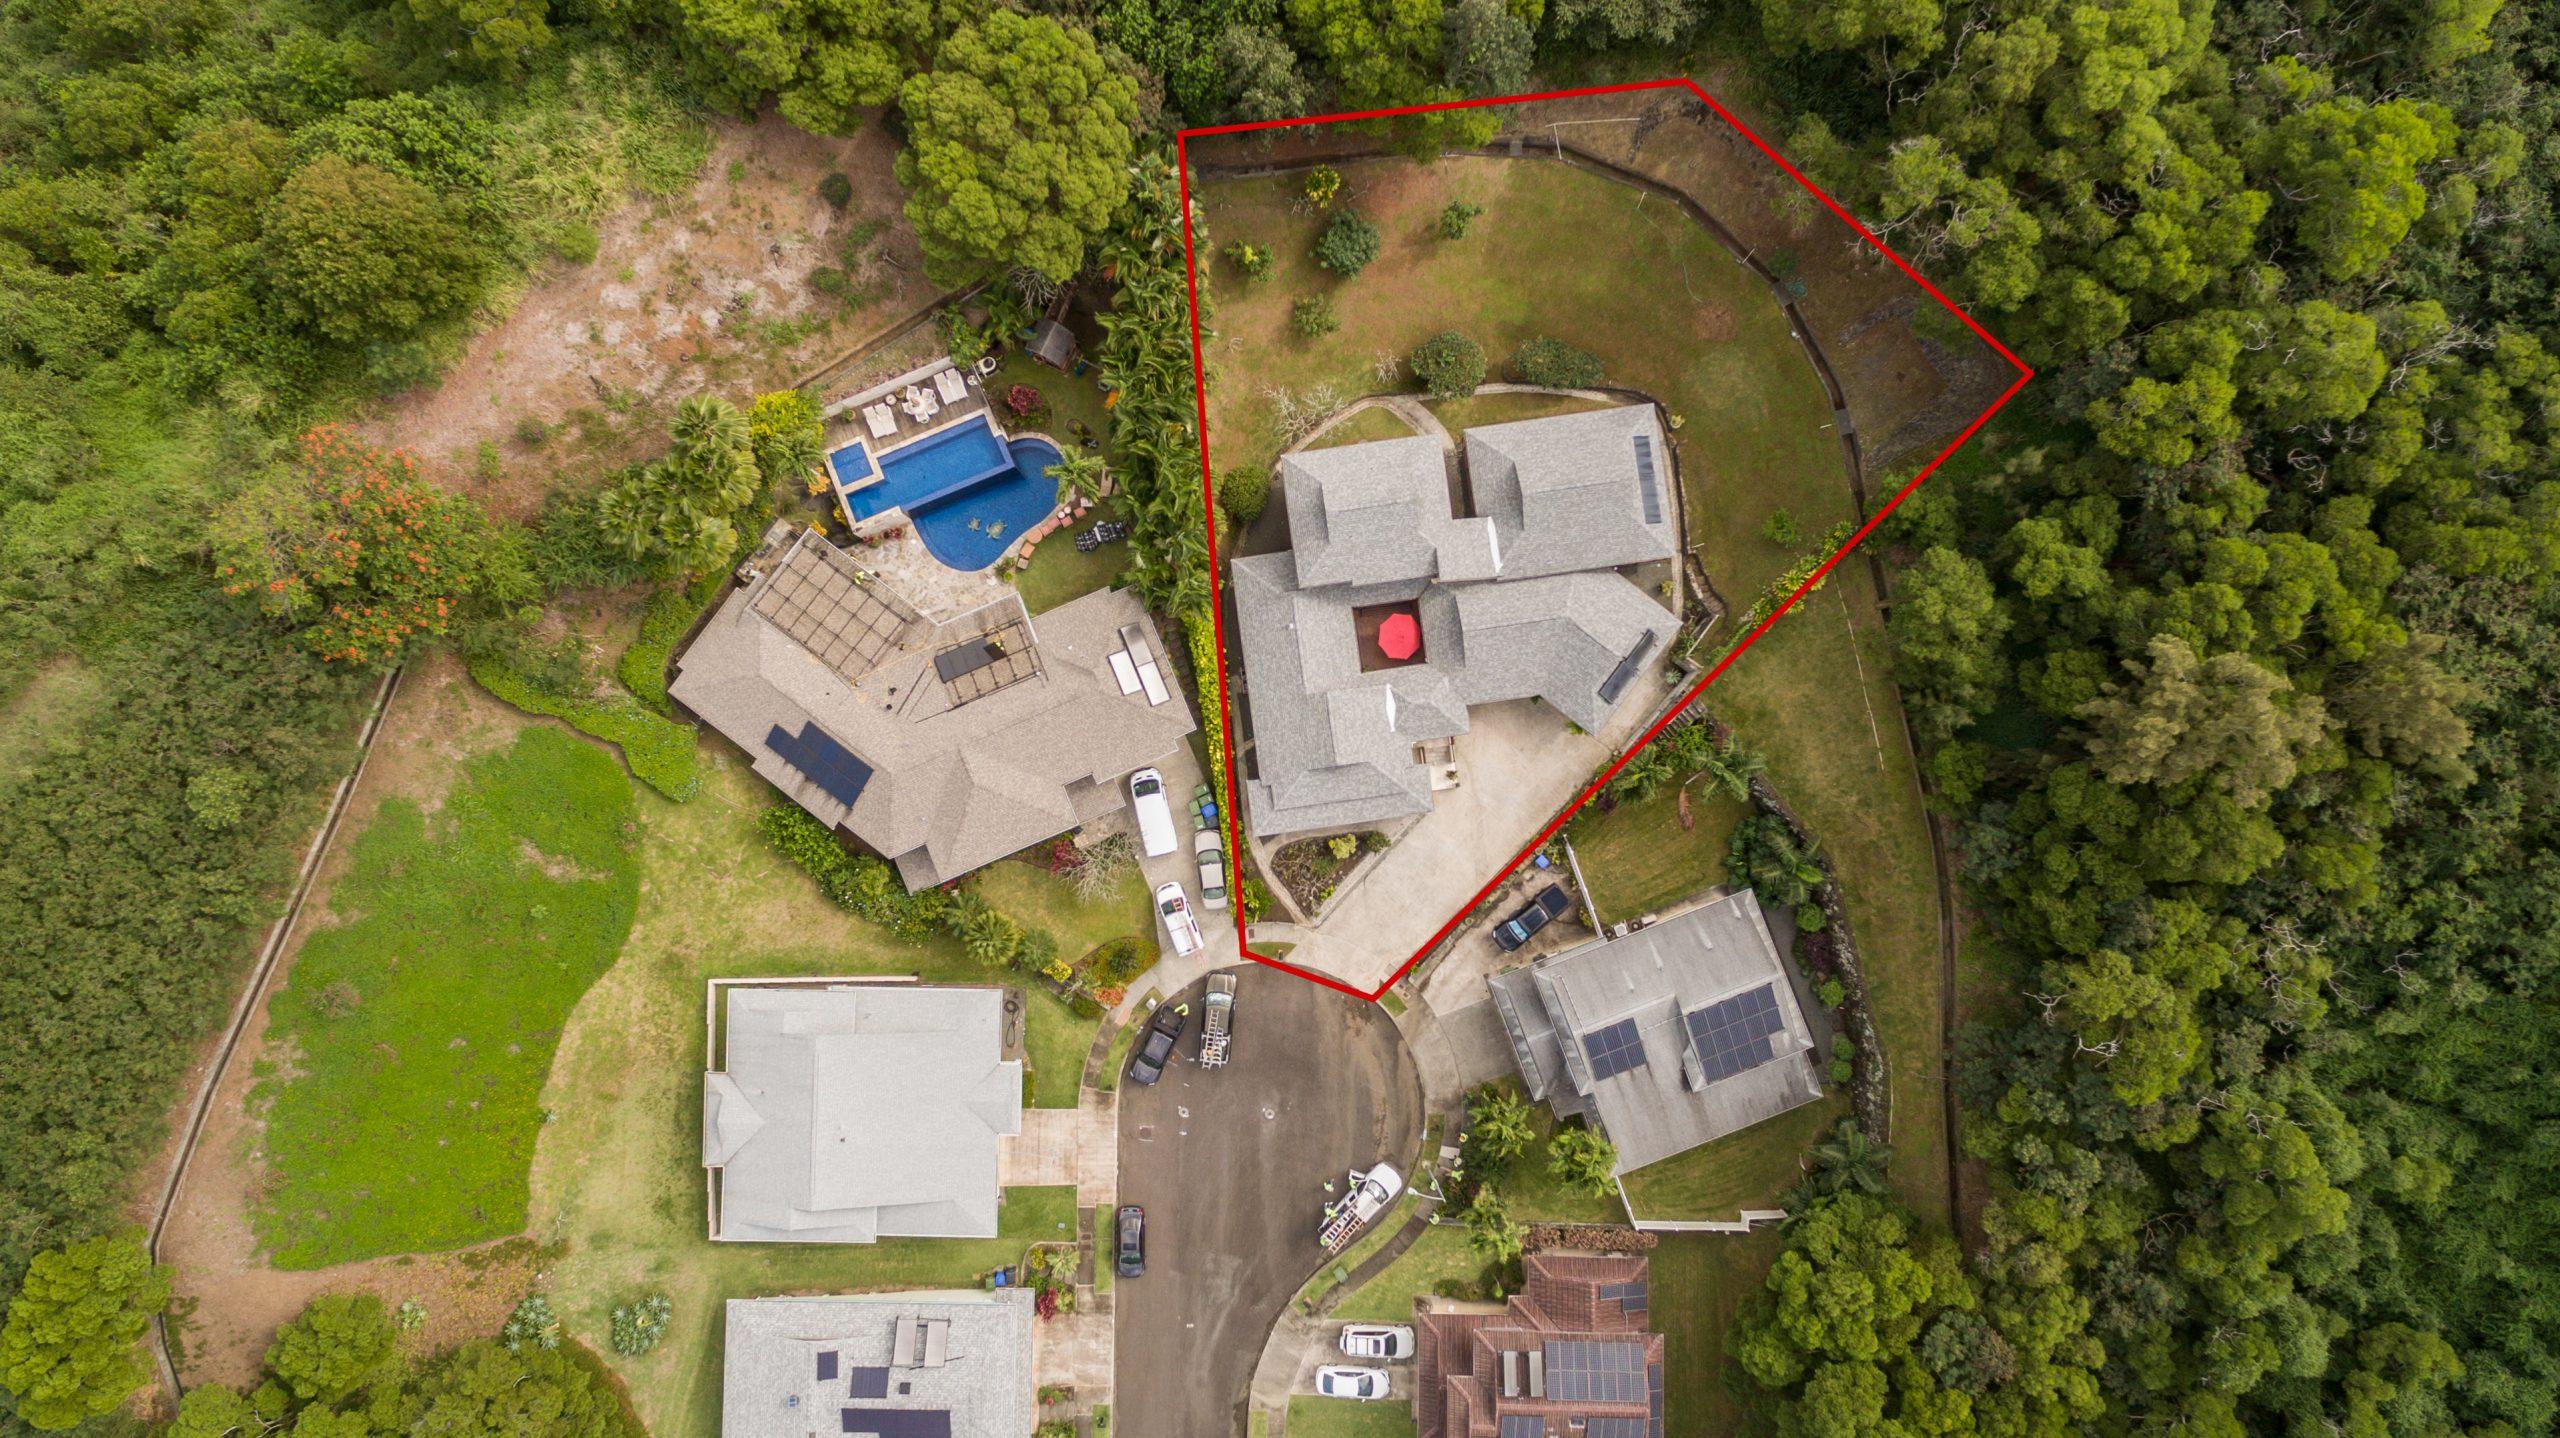 View More: https://cmdigitalmediahawaii.pass.us/326-kahako-st-aerial